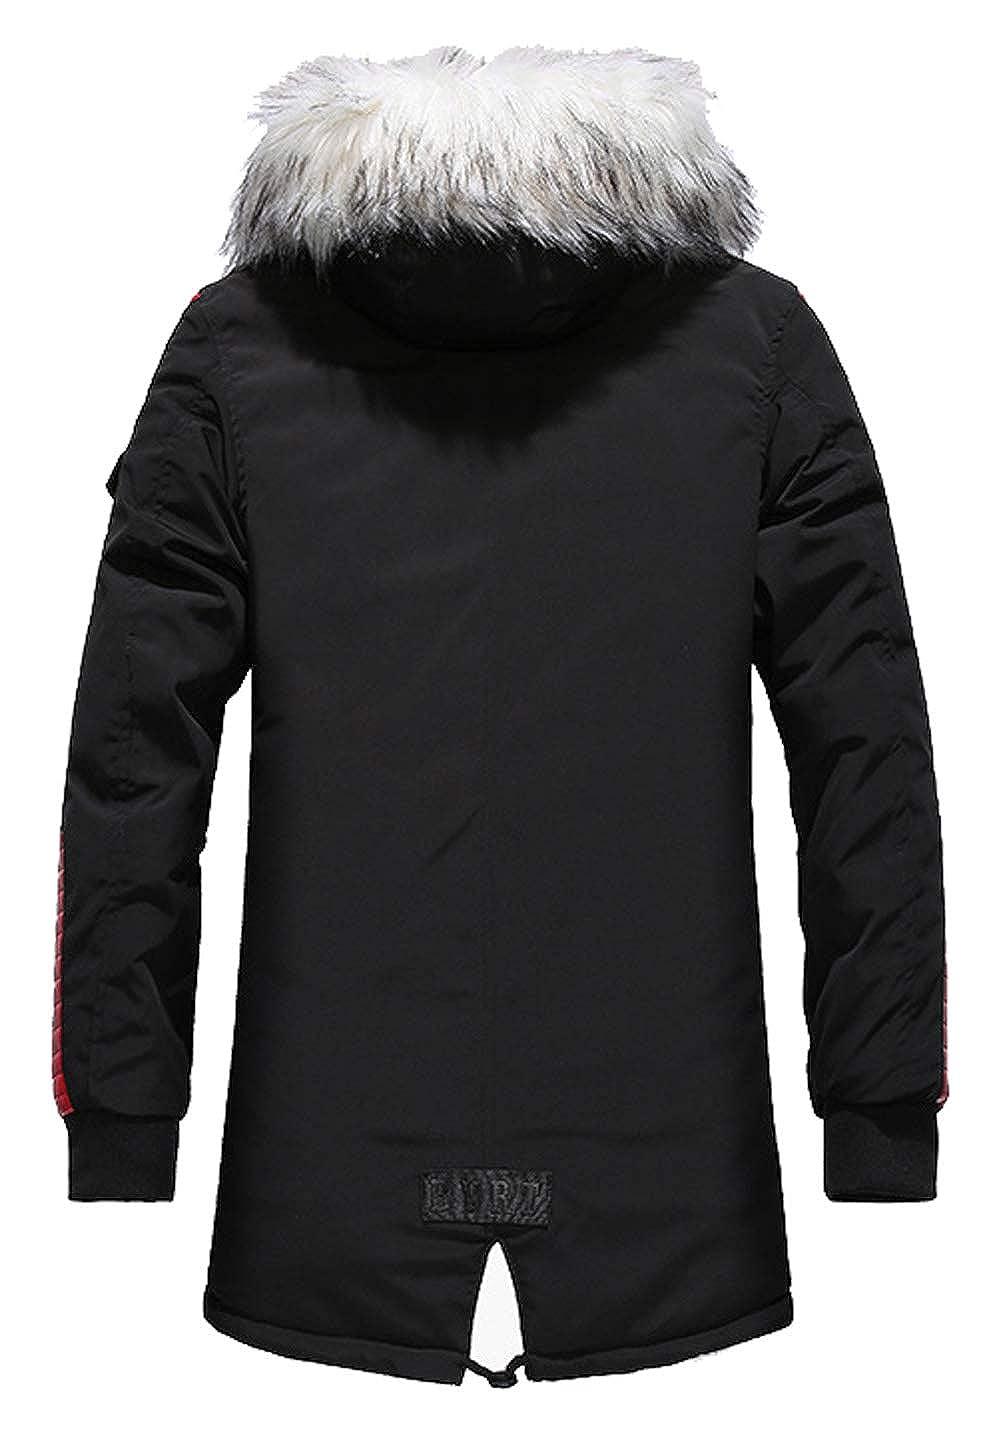 SSRSH Homme Veste à Capuche Hiver Manteau Multi-Poche Blouson Garçon Chaud Parka Veston Doudoune Manteaux Veste Capuche en Fourrure Amovible Blousons Style-2 Noir+rouge